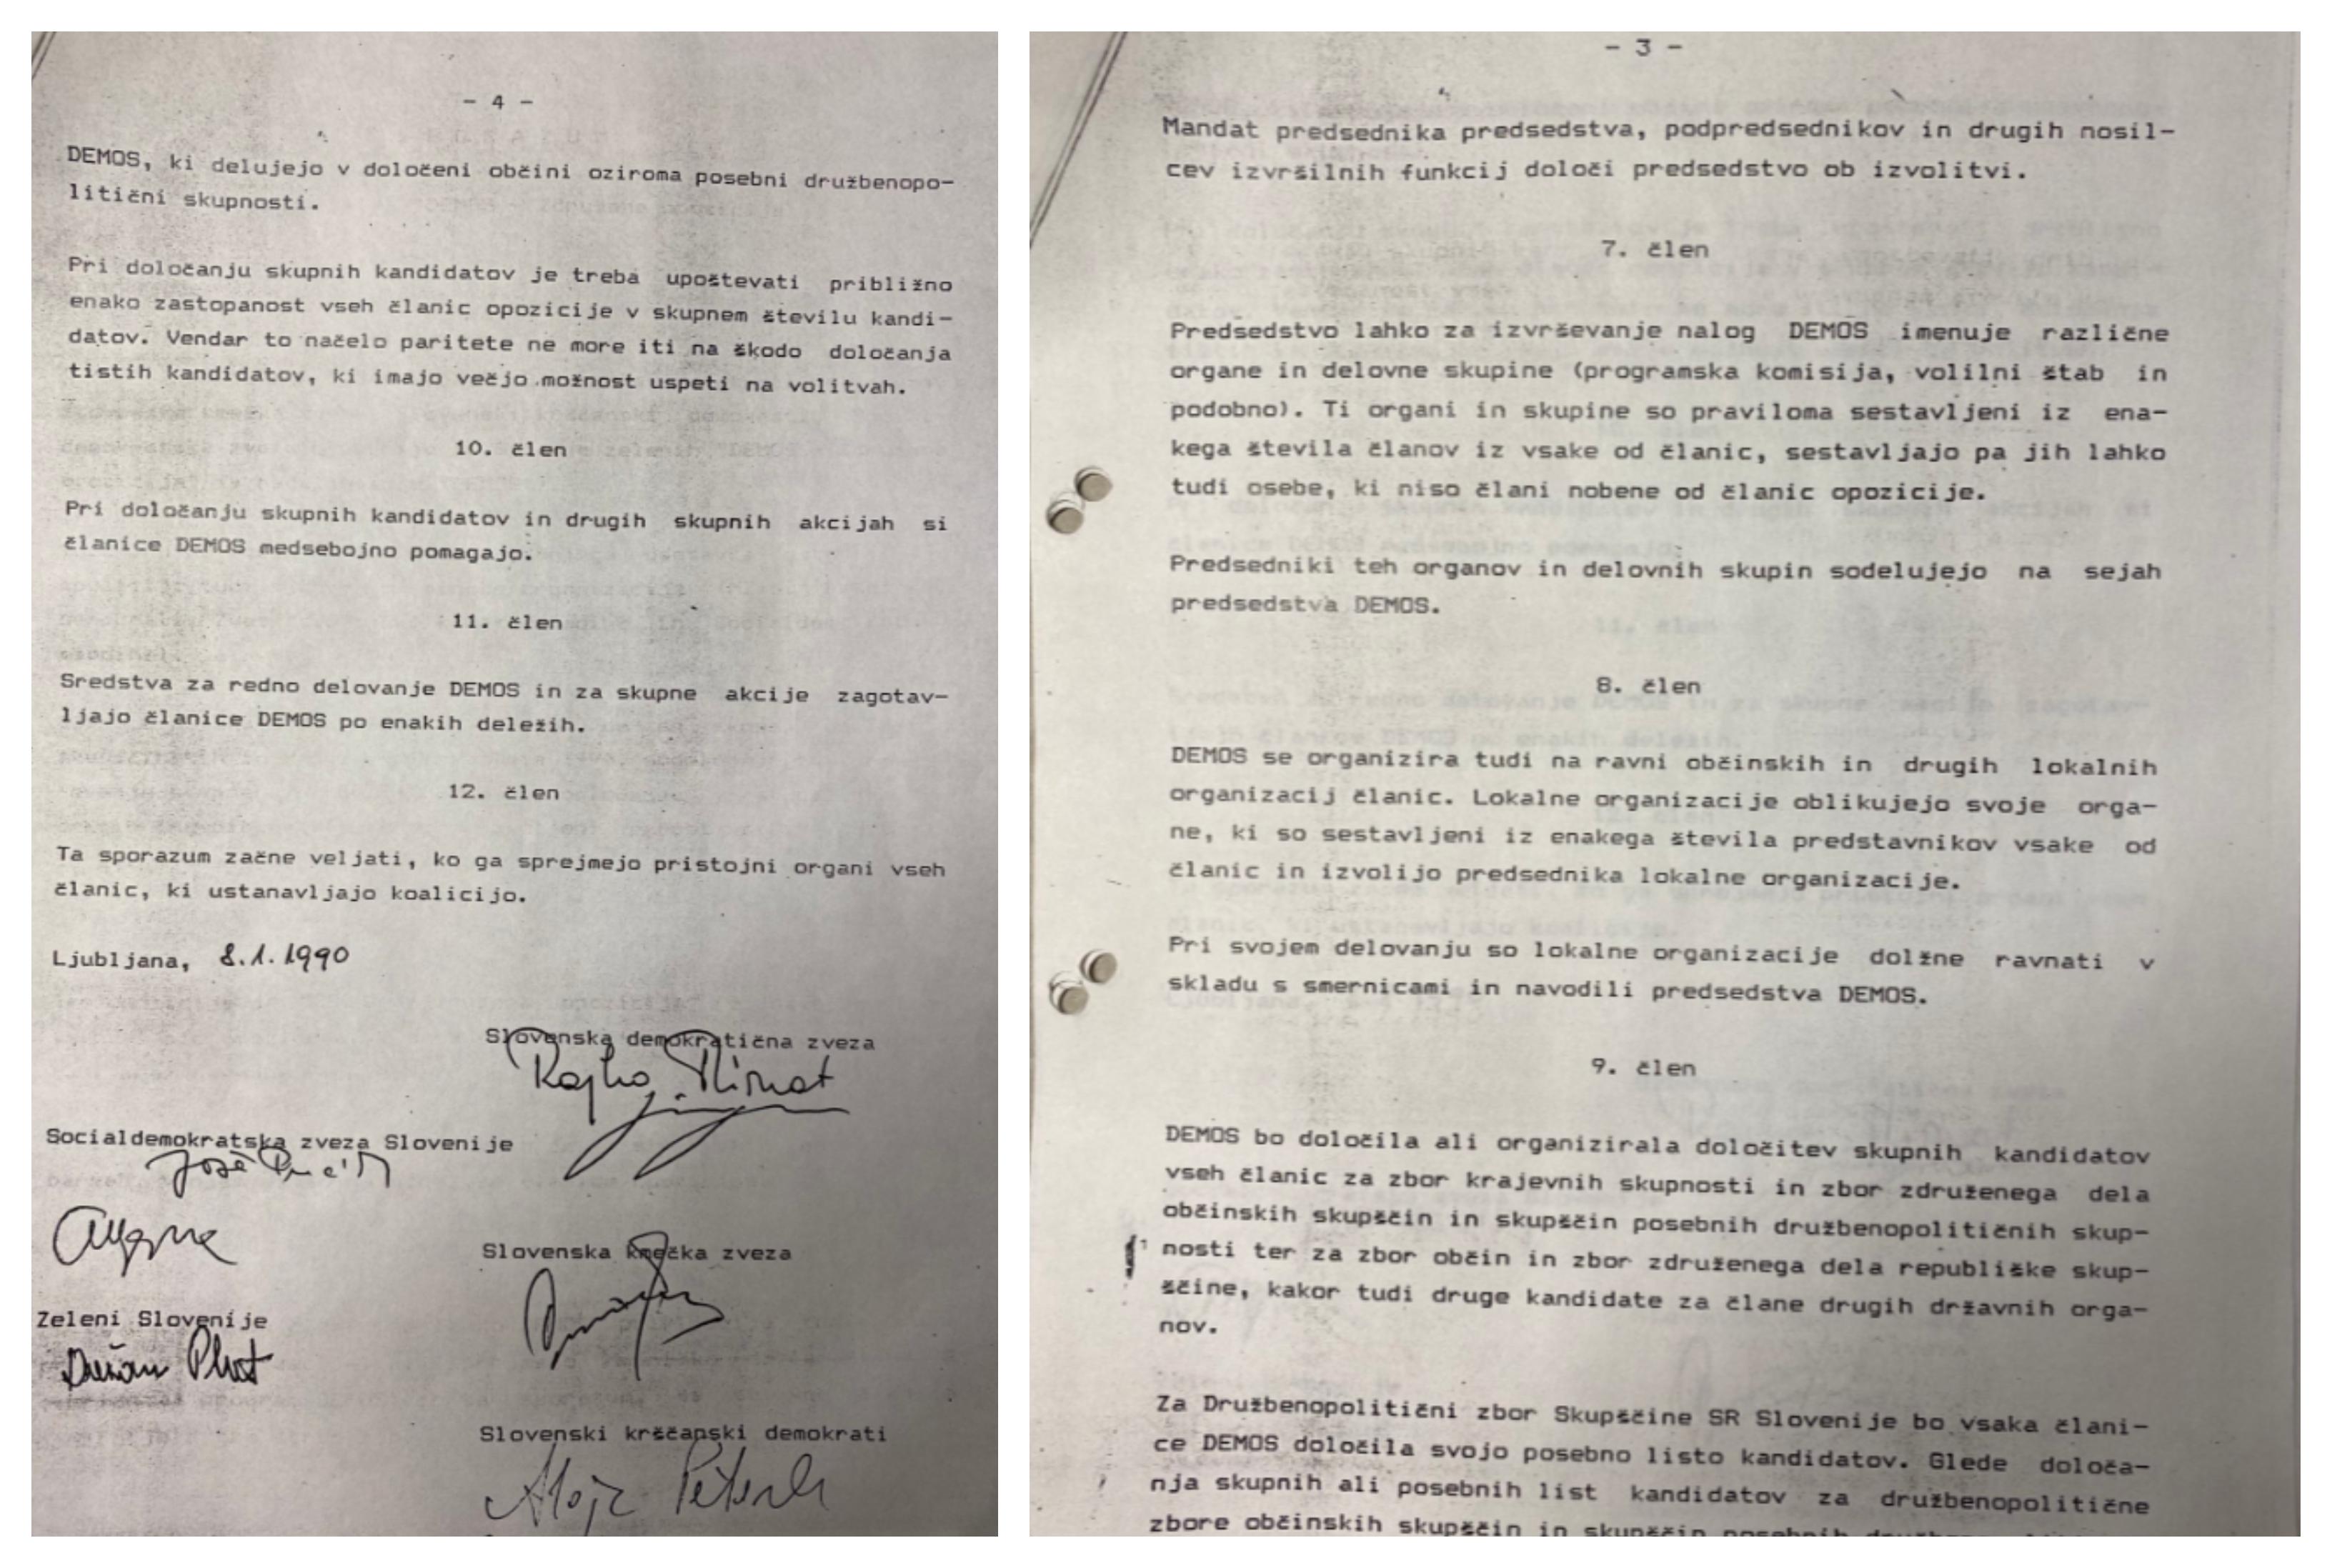 Tretja in četrta stran zgodovinskega sporazuma o nastanku volilne opozicije Demos. (Foto: Twitter)